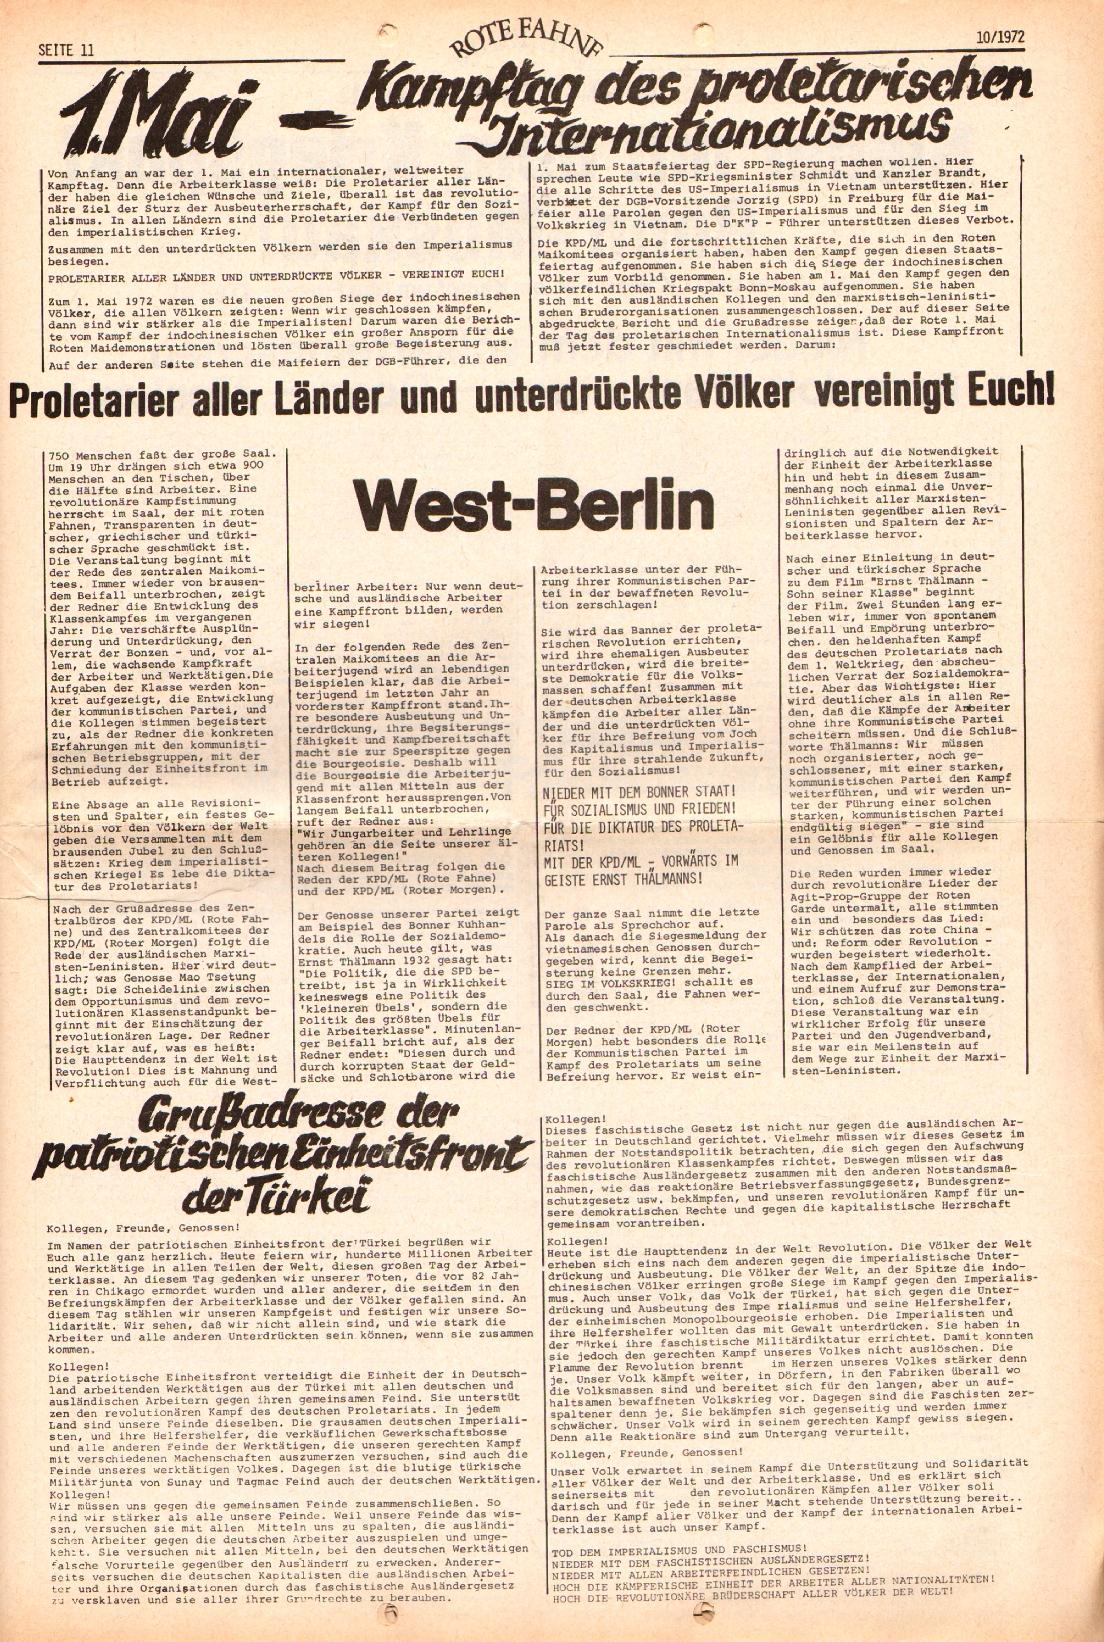 Rote Fahne, 3. Jg., 15.5.1972, Nr. 10, Seite 11